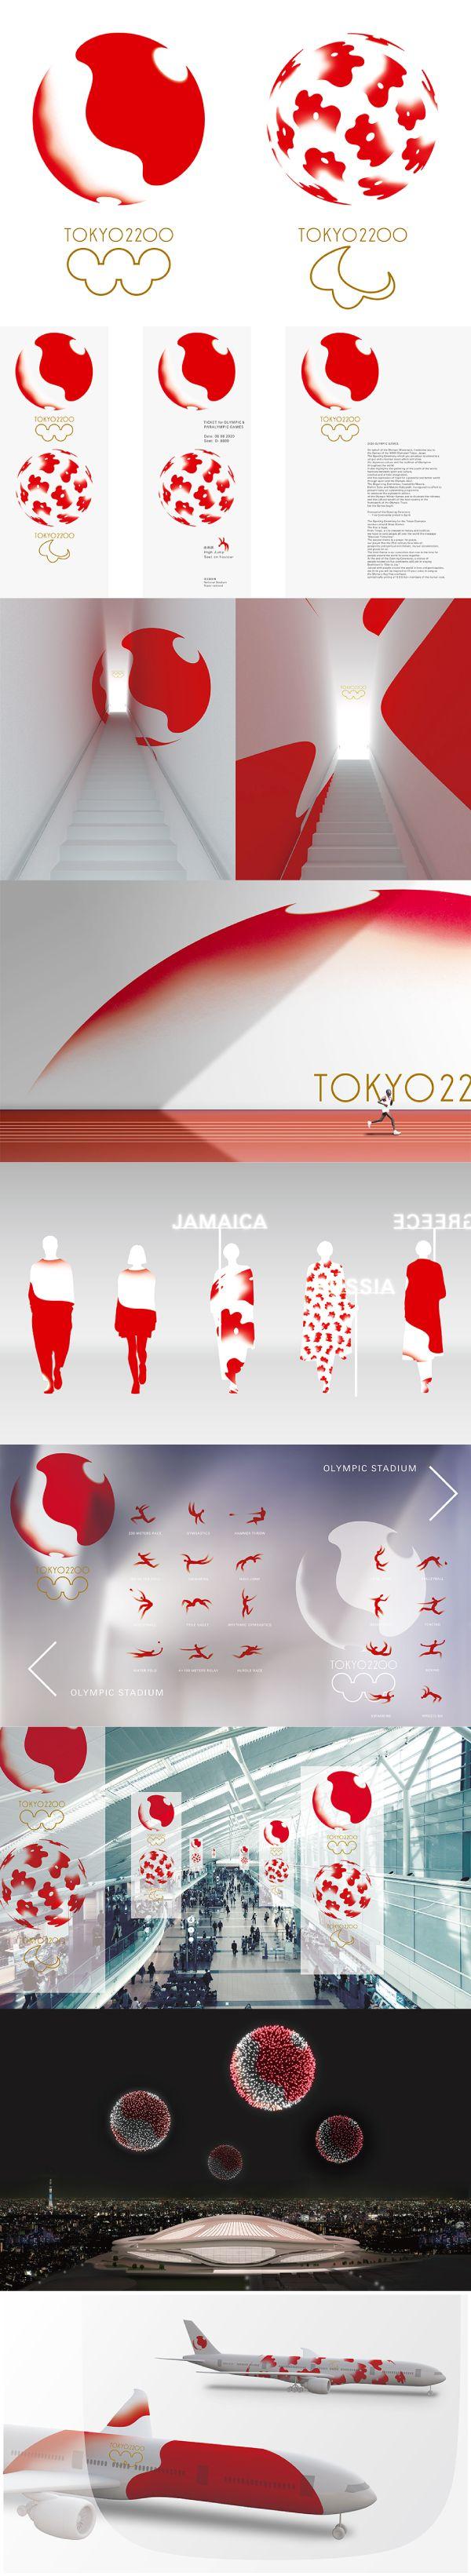 Kenya Hara for Olympics